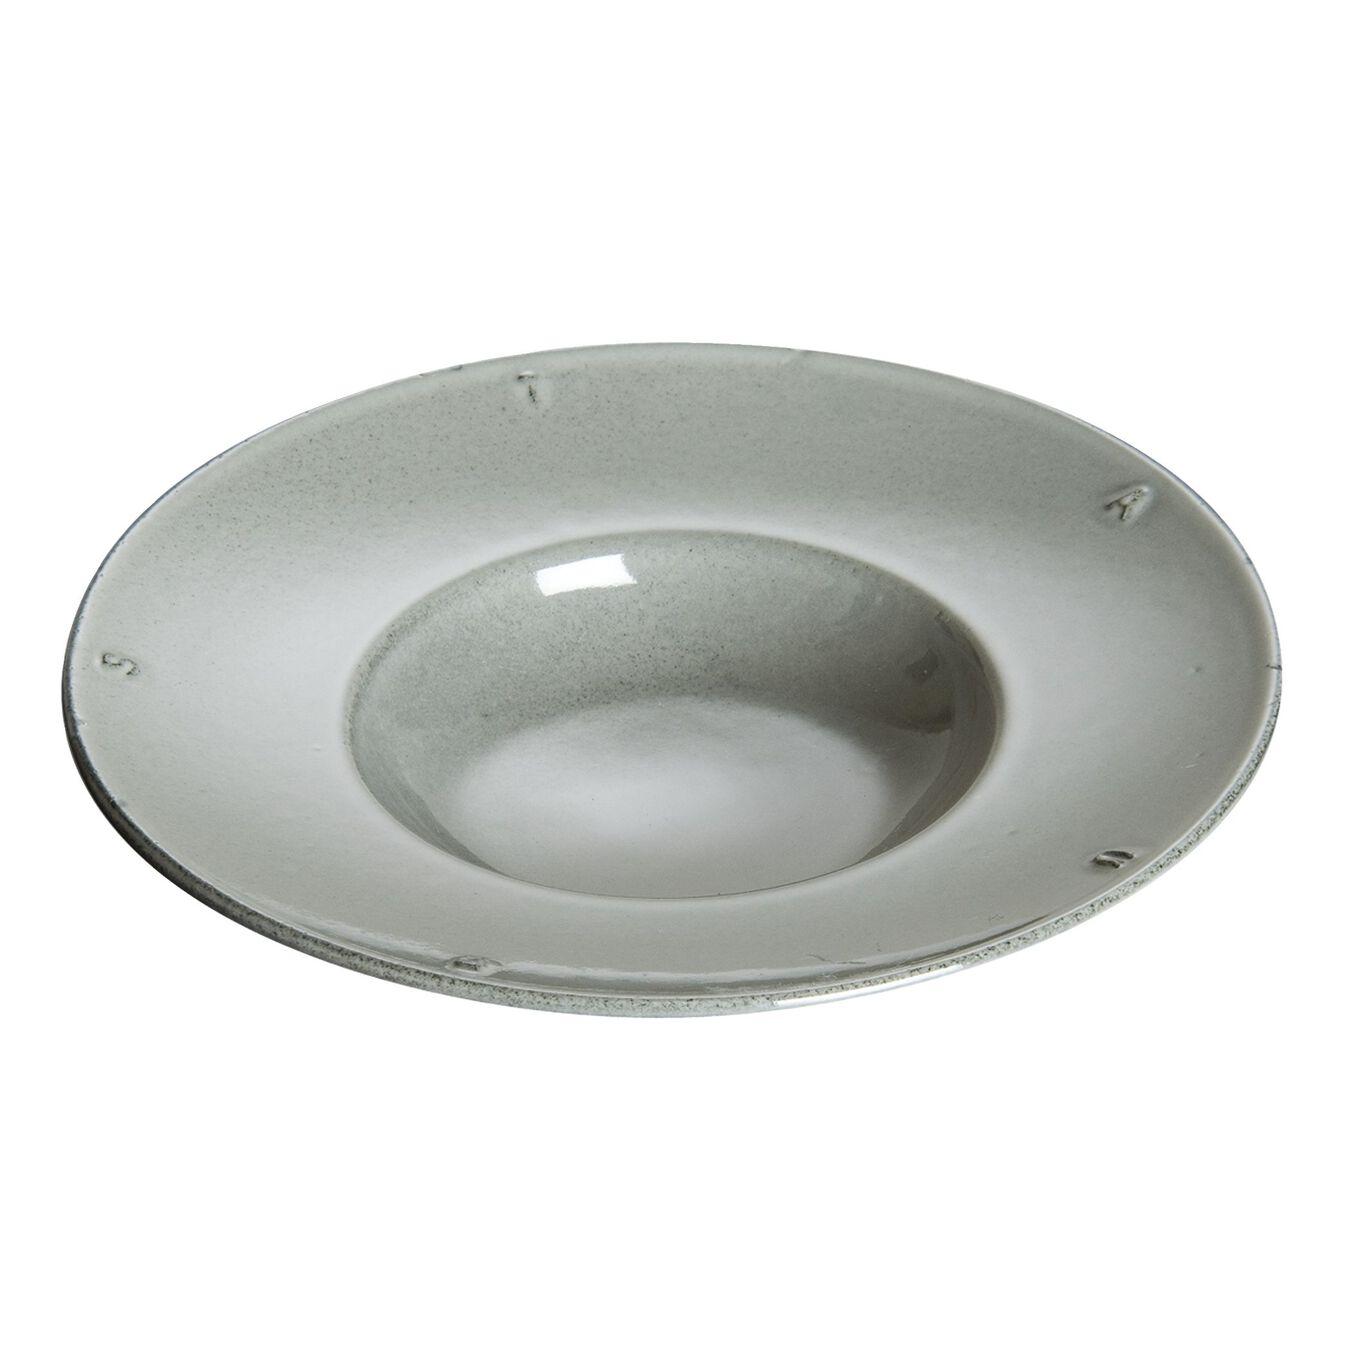 Assiette 21 cm, Gris graphite, Fonte,,large 2